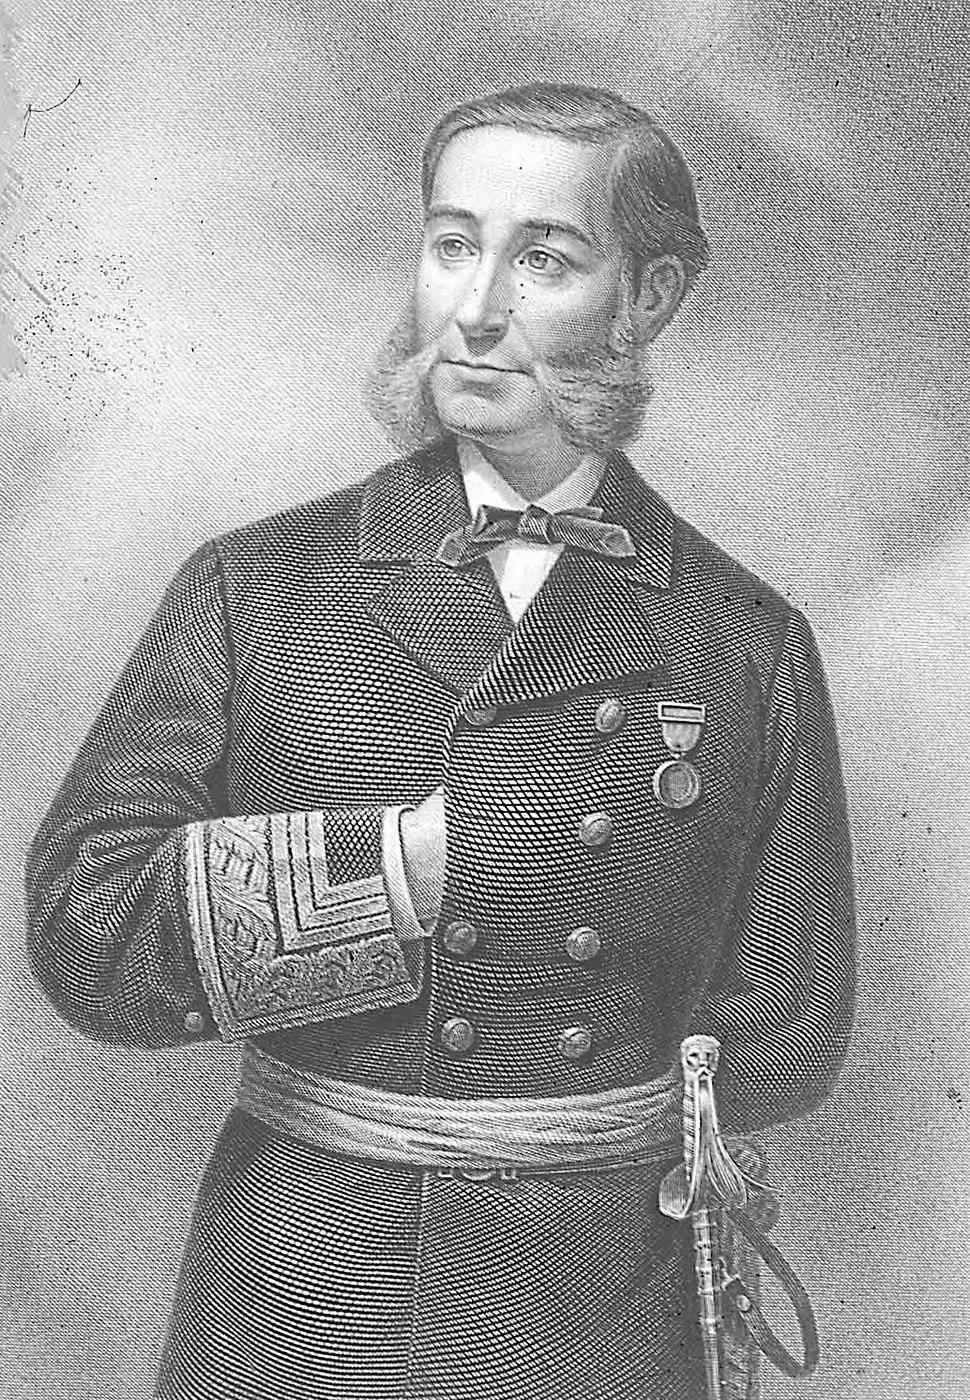 Casto Méndez Núñez